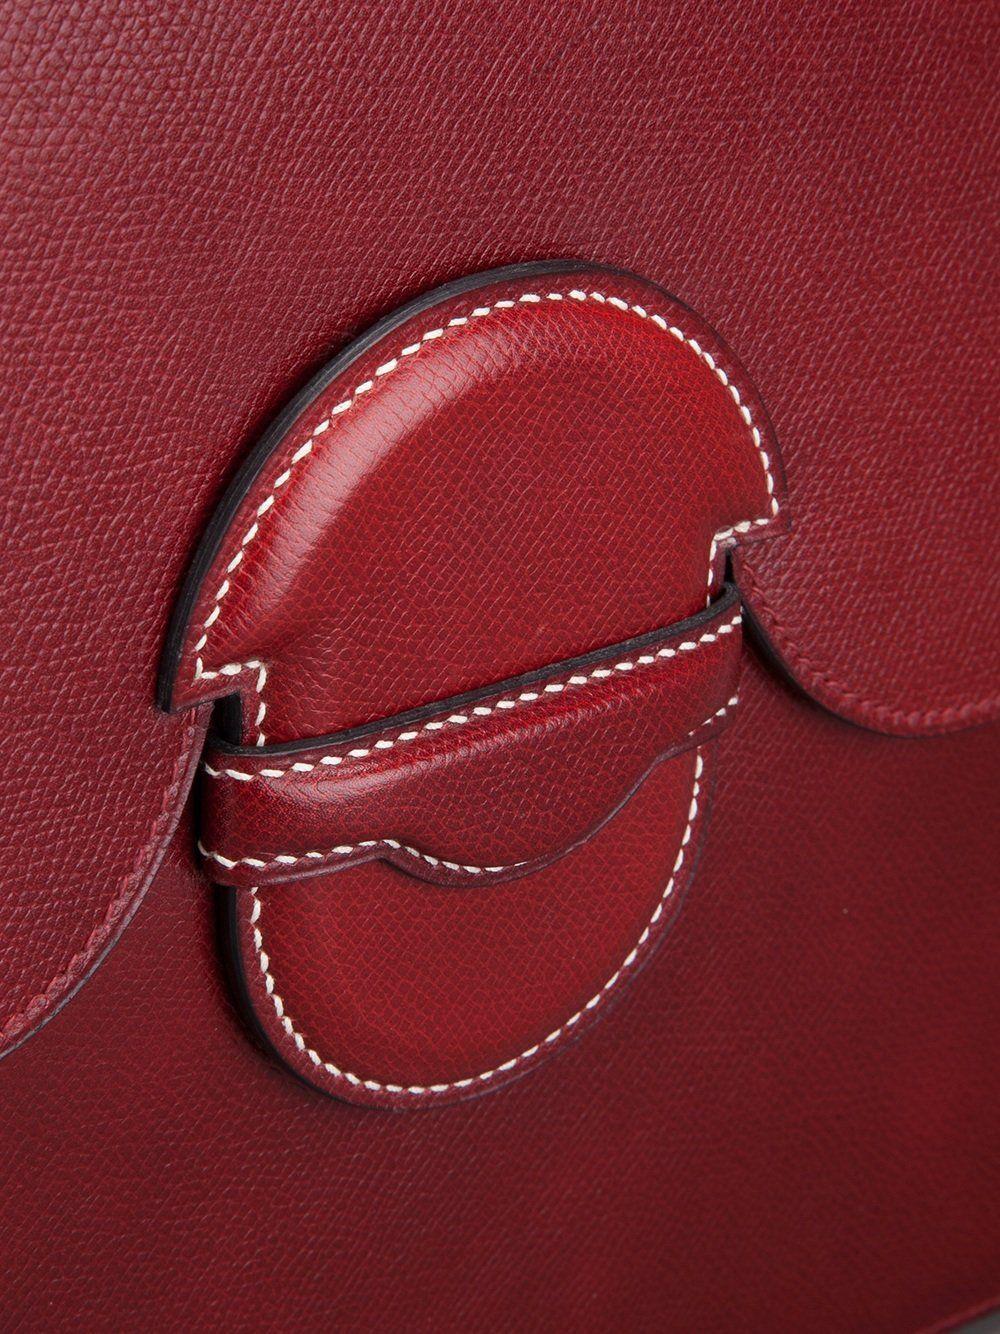 Hermès Vintage porte-documents en cuir | Bag | Pinterest | Polo club ...